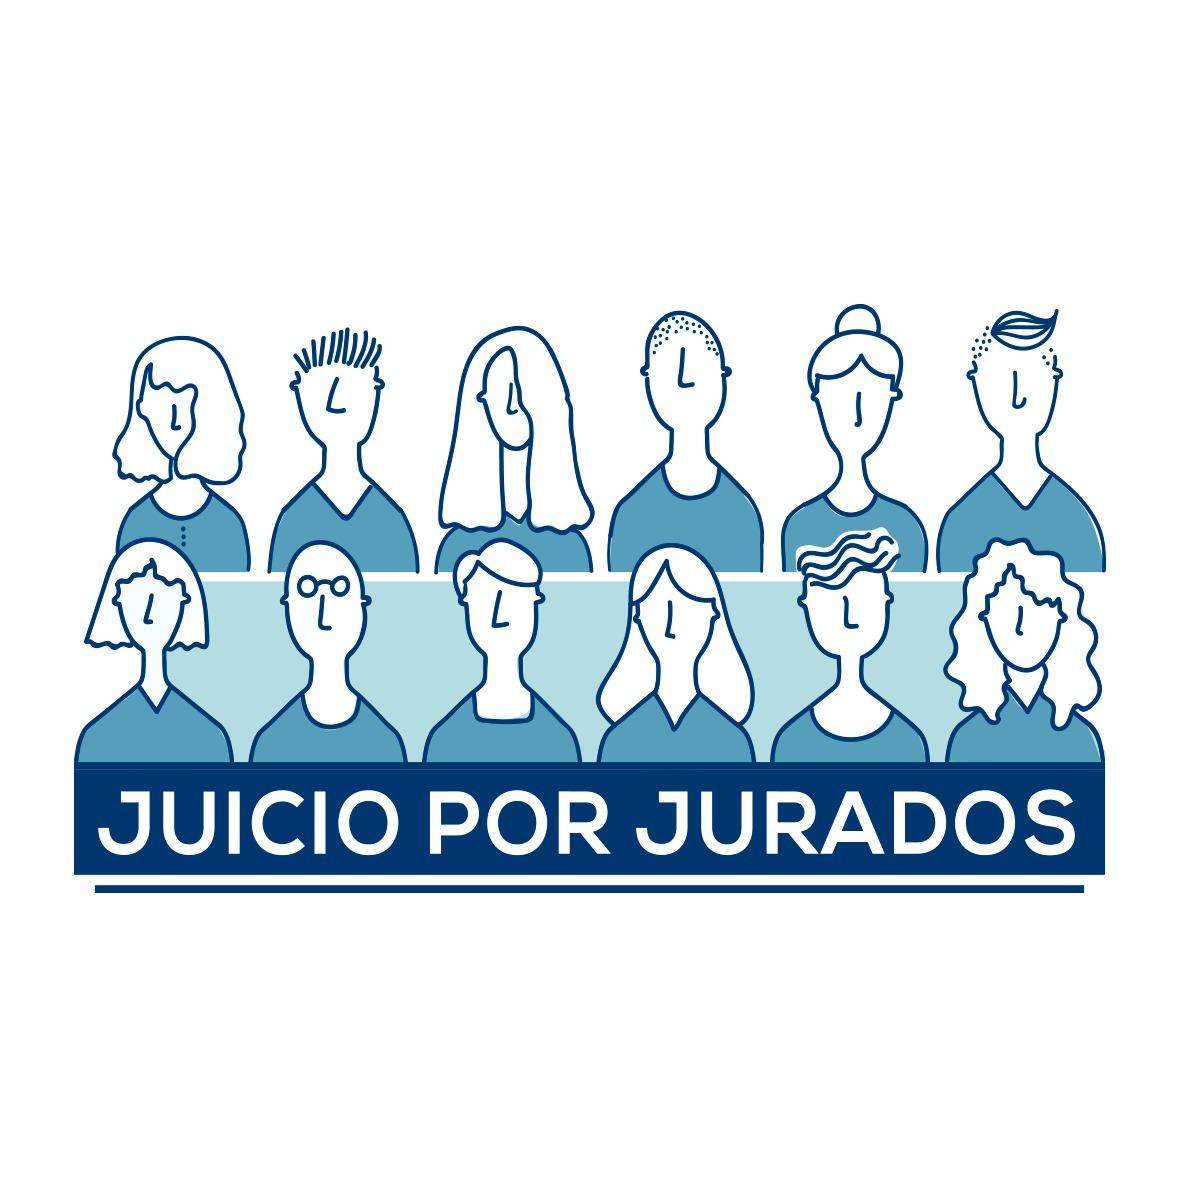 Mañana comenzará el primer Juicio por Jurados en Concordia